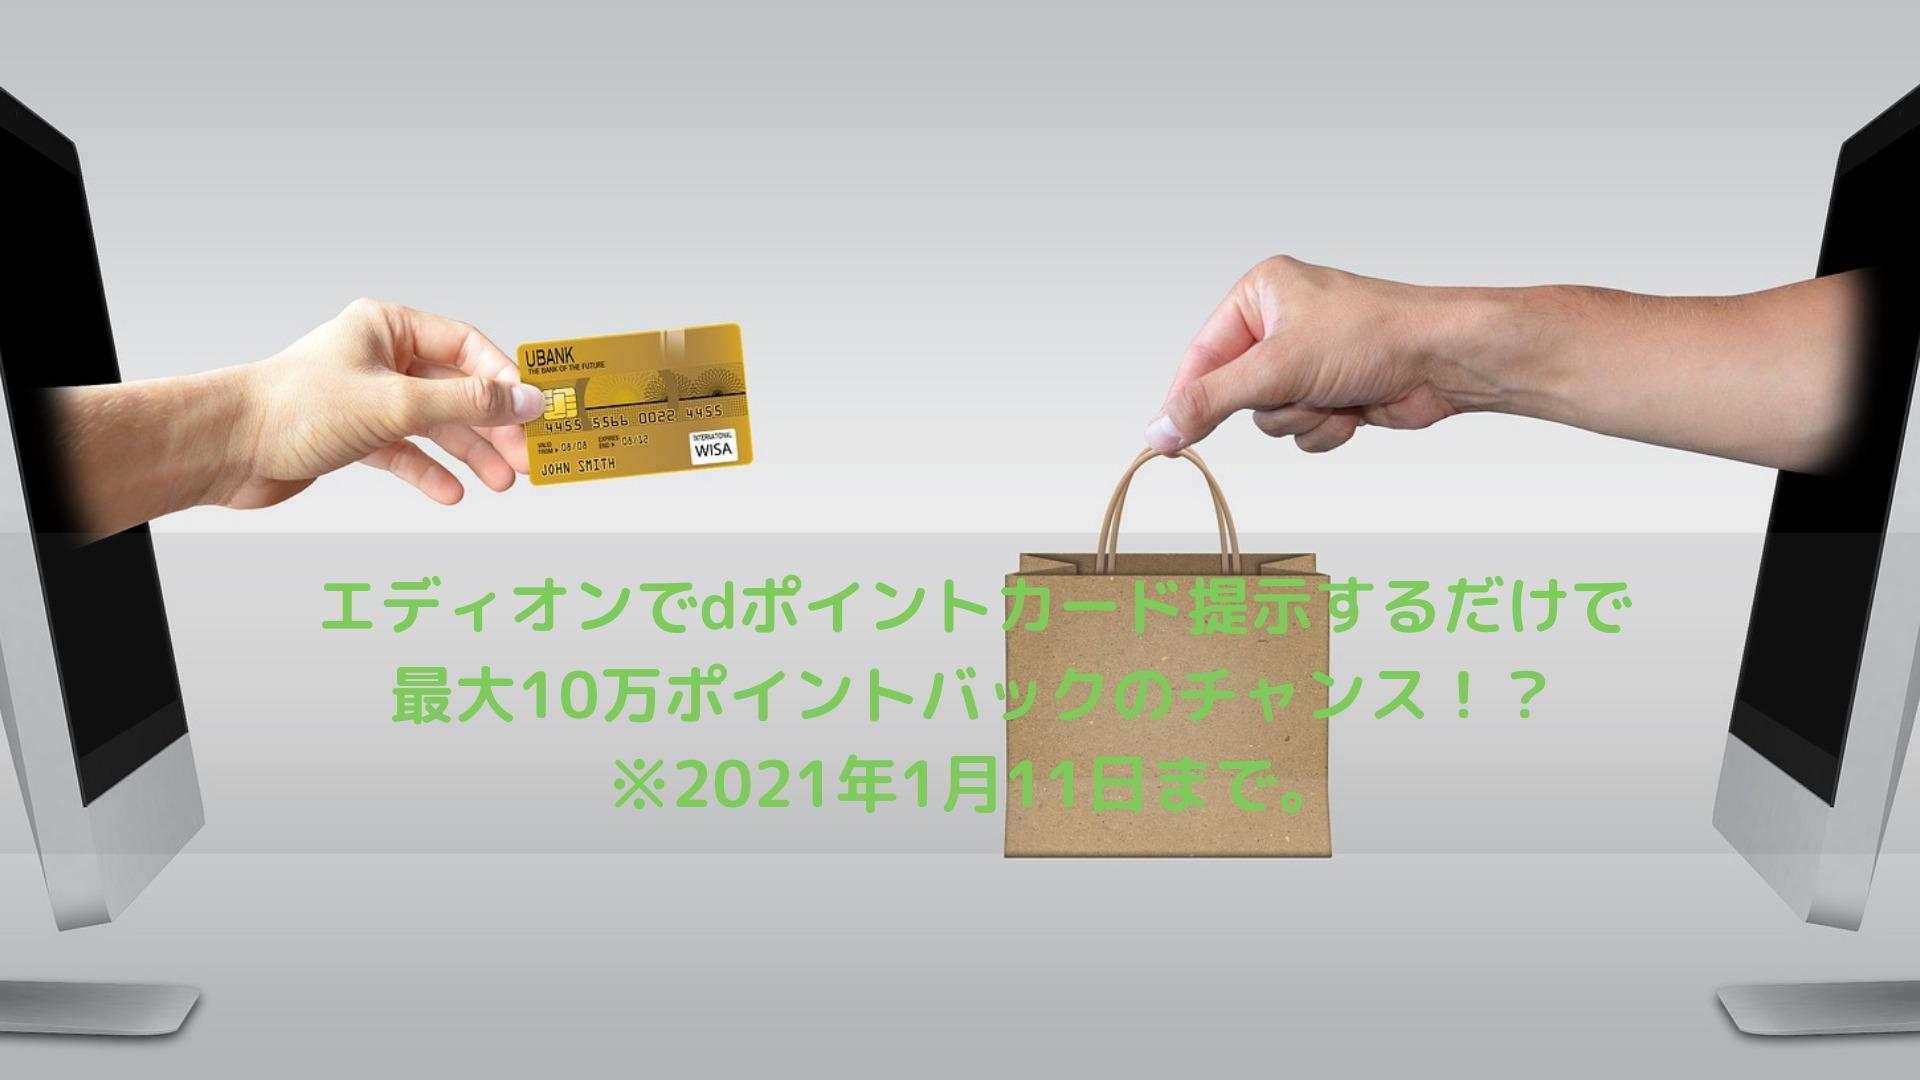 エディオンでdポイントカード提示するだけで最大10万ポイントバックのチャンス!?※2021年1月11日まで。